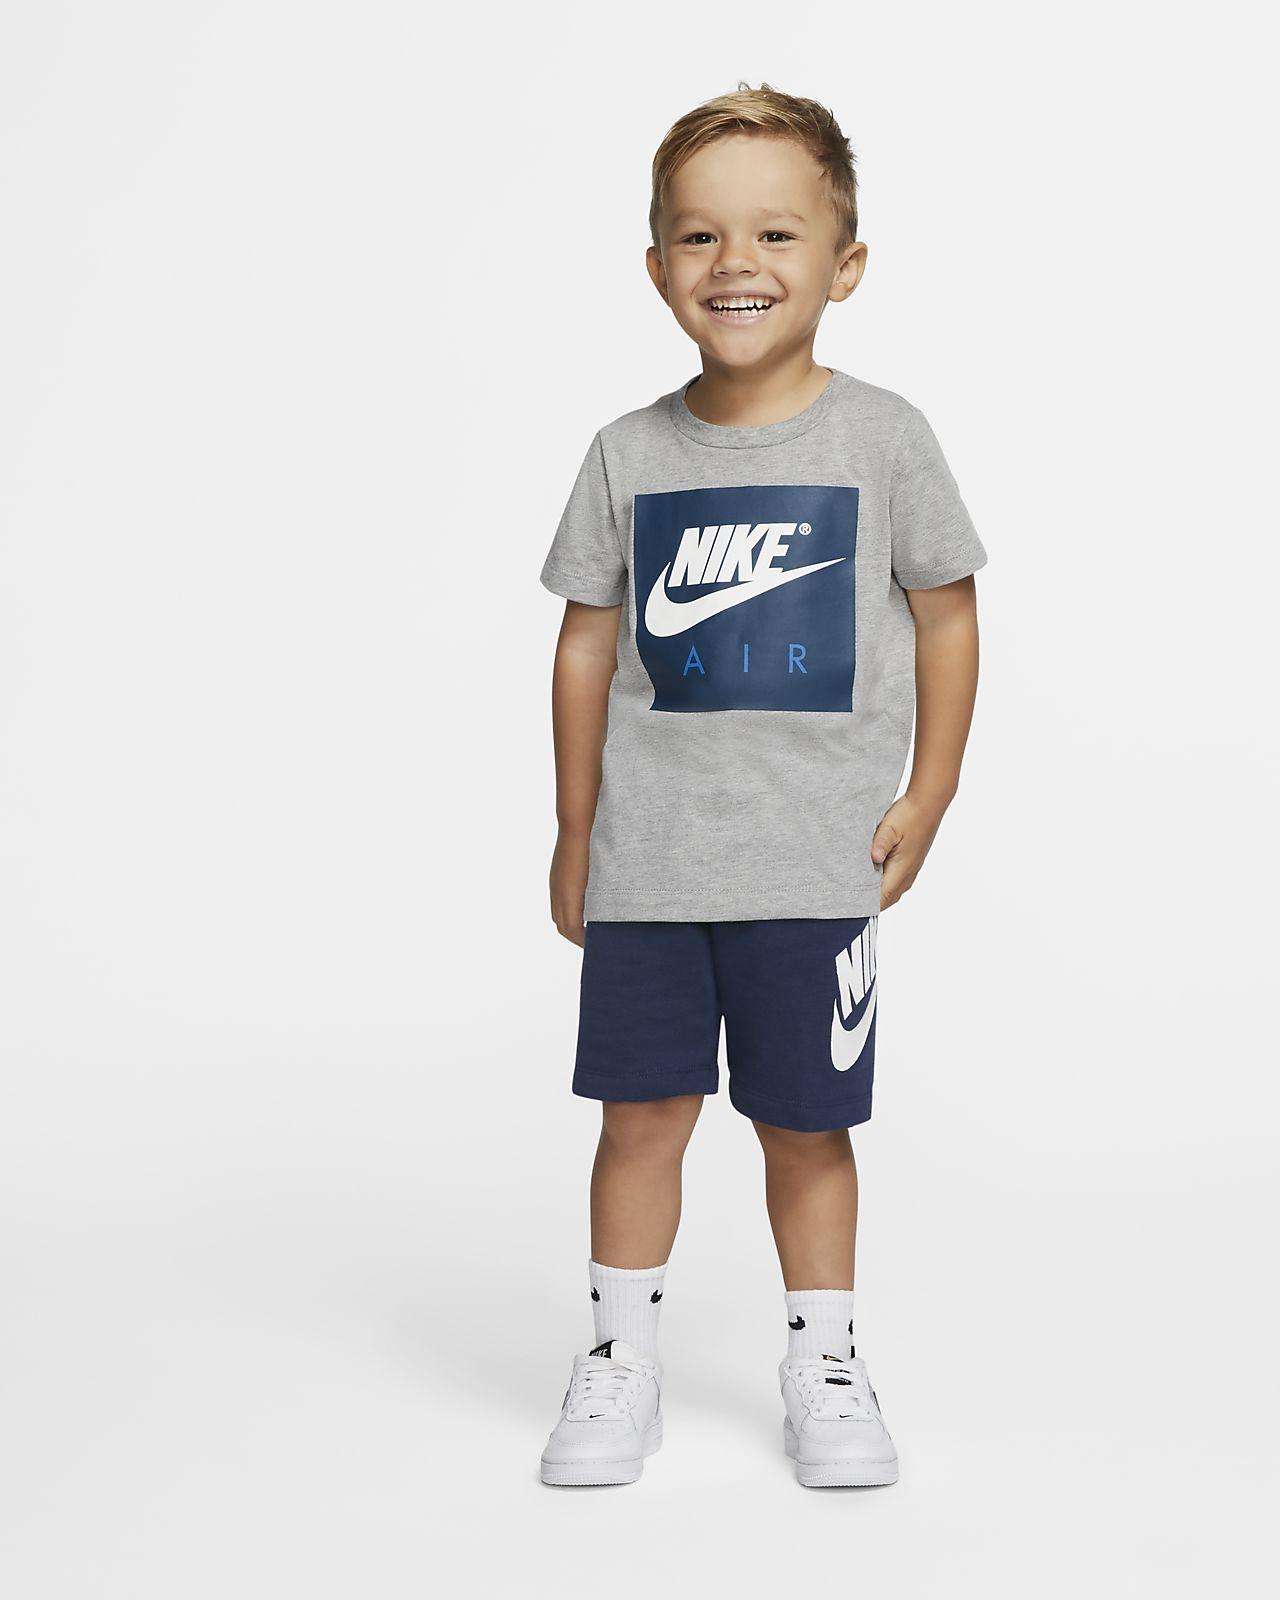 Nike Air Tweedelige peuterset